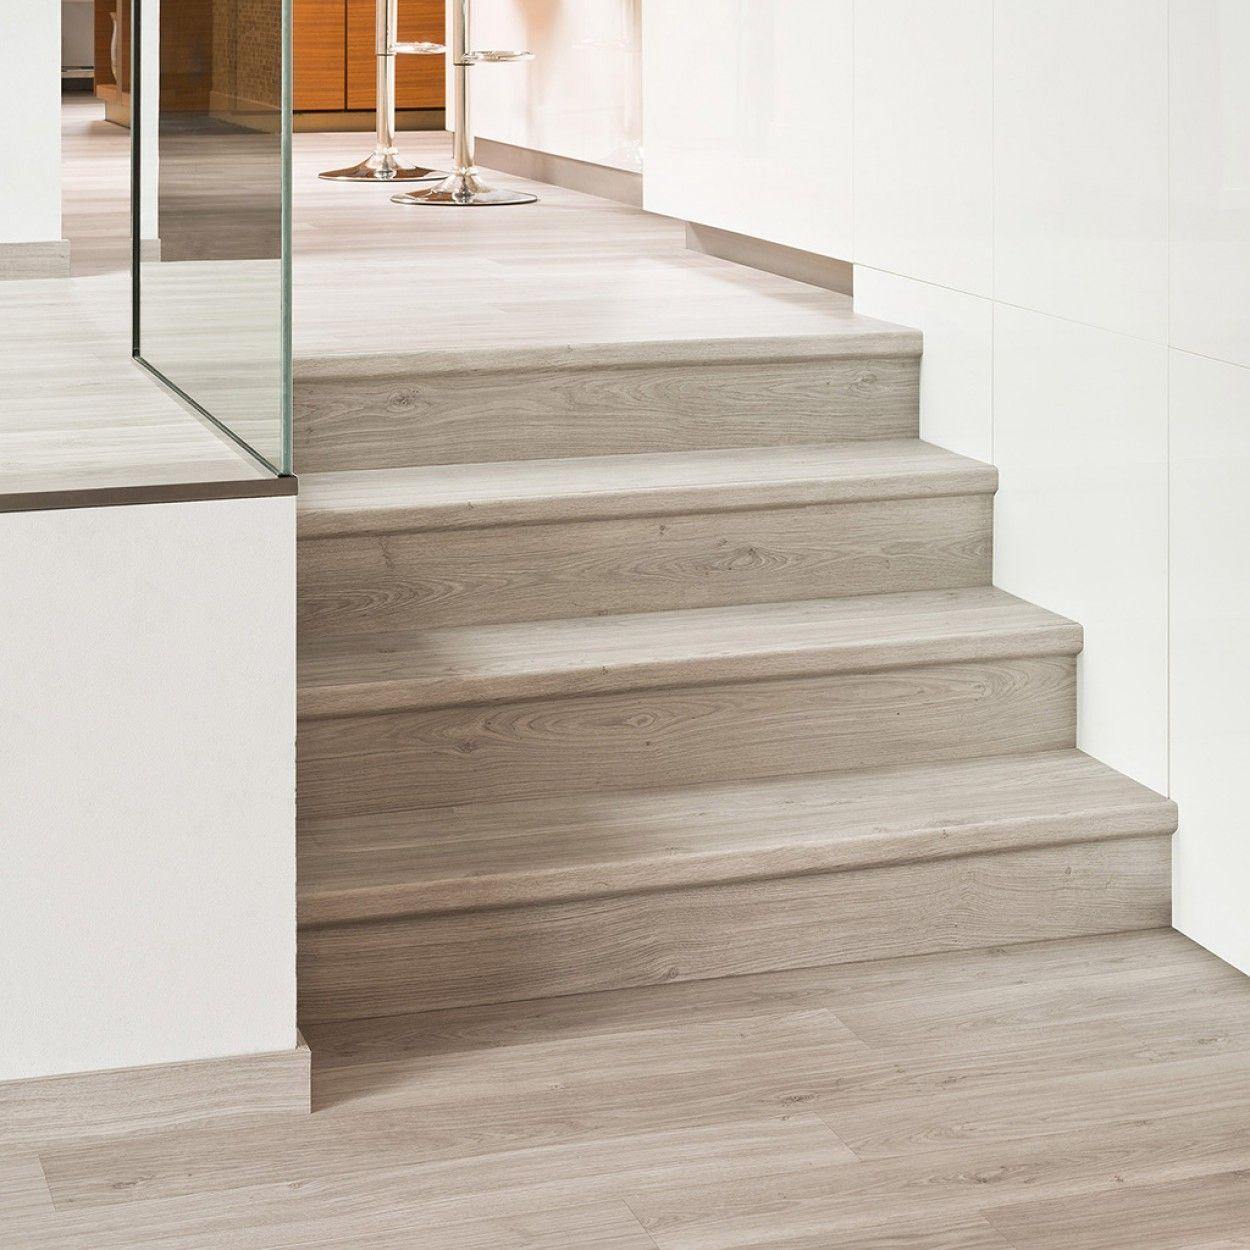 Quick Step Eligna El1304 Chene Verni Gris Clair Planches Escalier Carrelage Effet Bois Escaliers Modernes